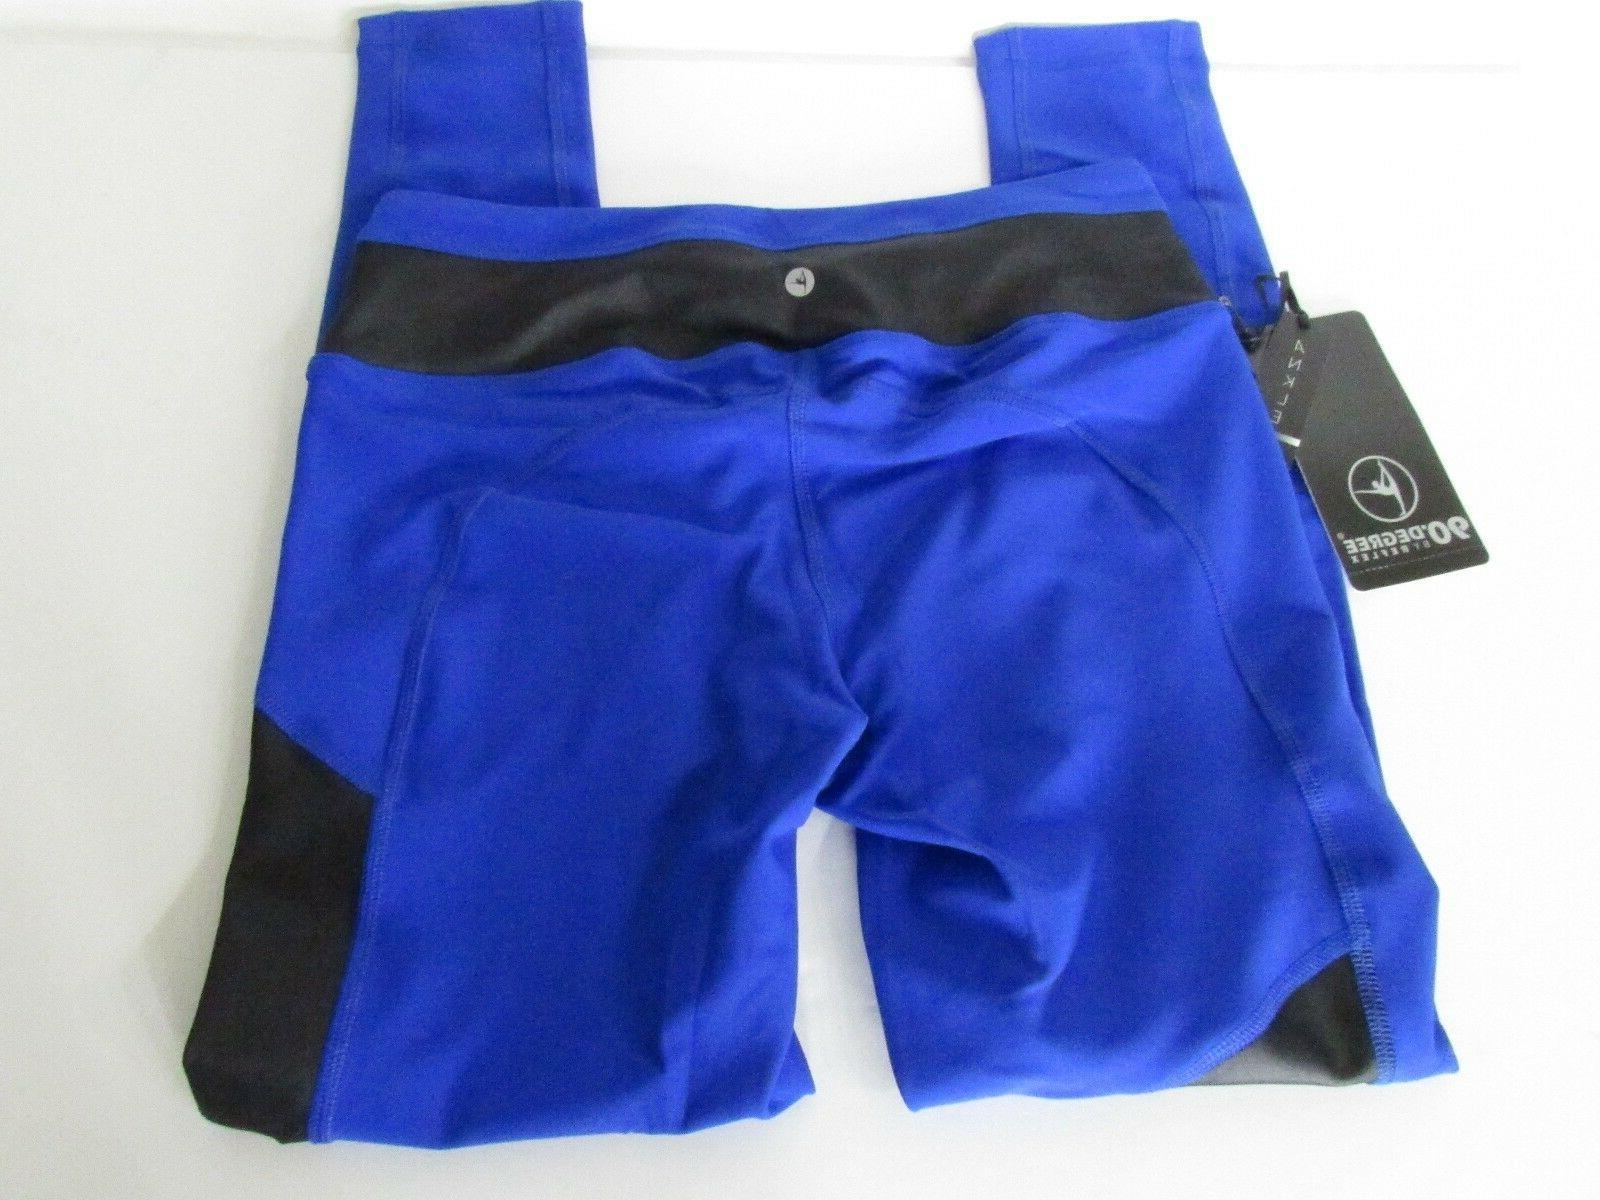 90 Royal Blue Yoga Workout Pants w/ Inserts, size L